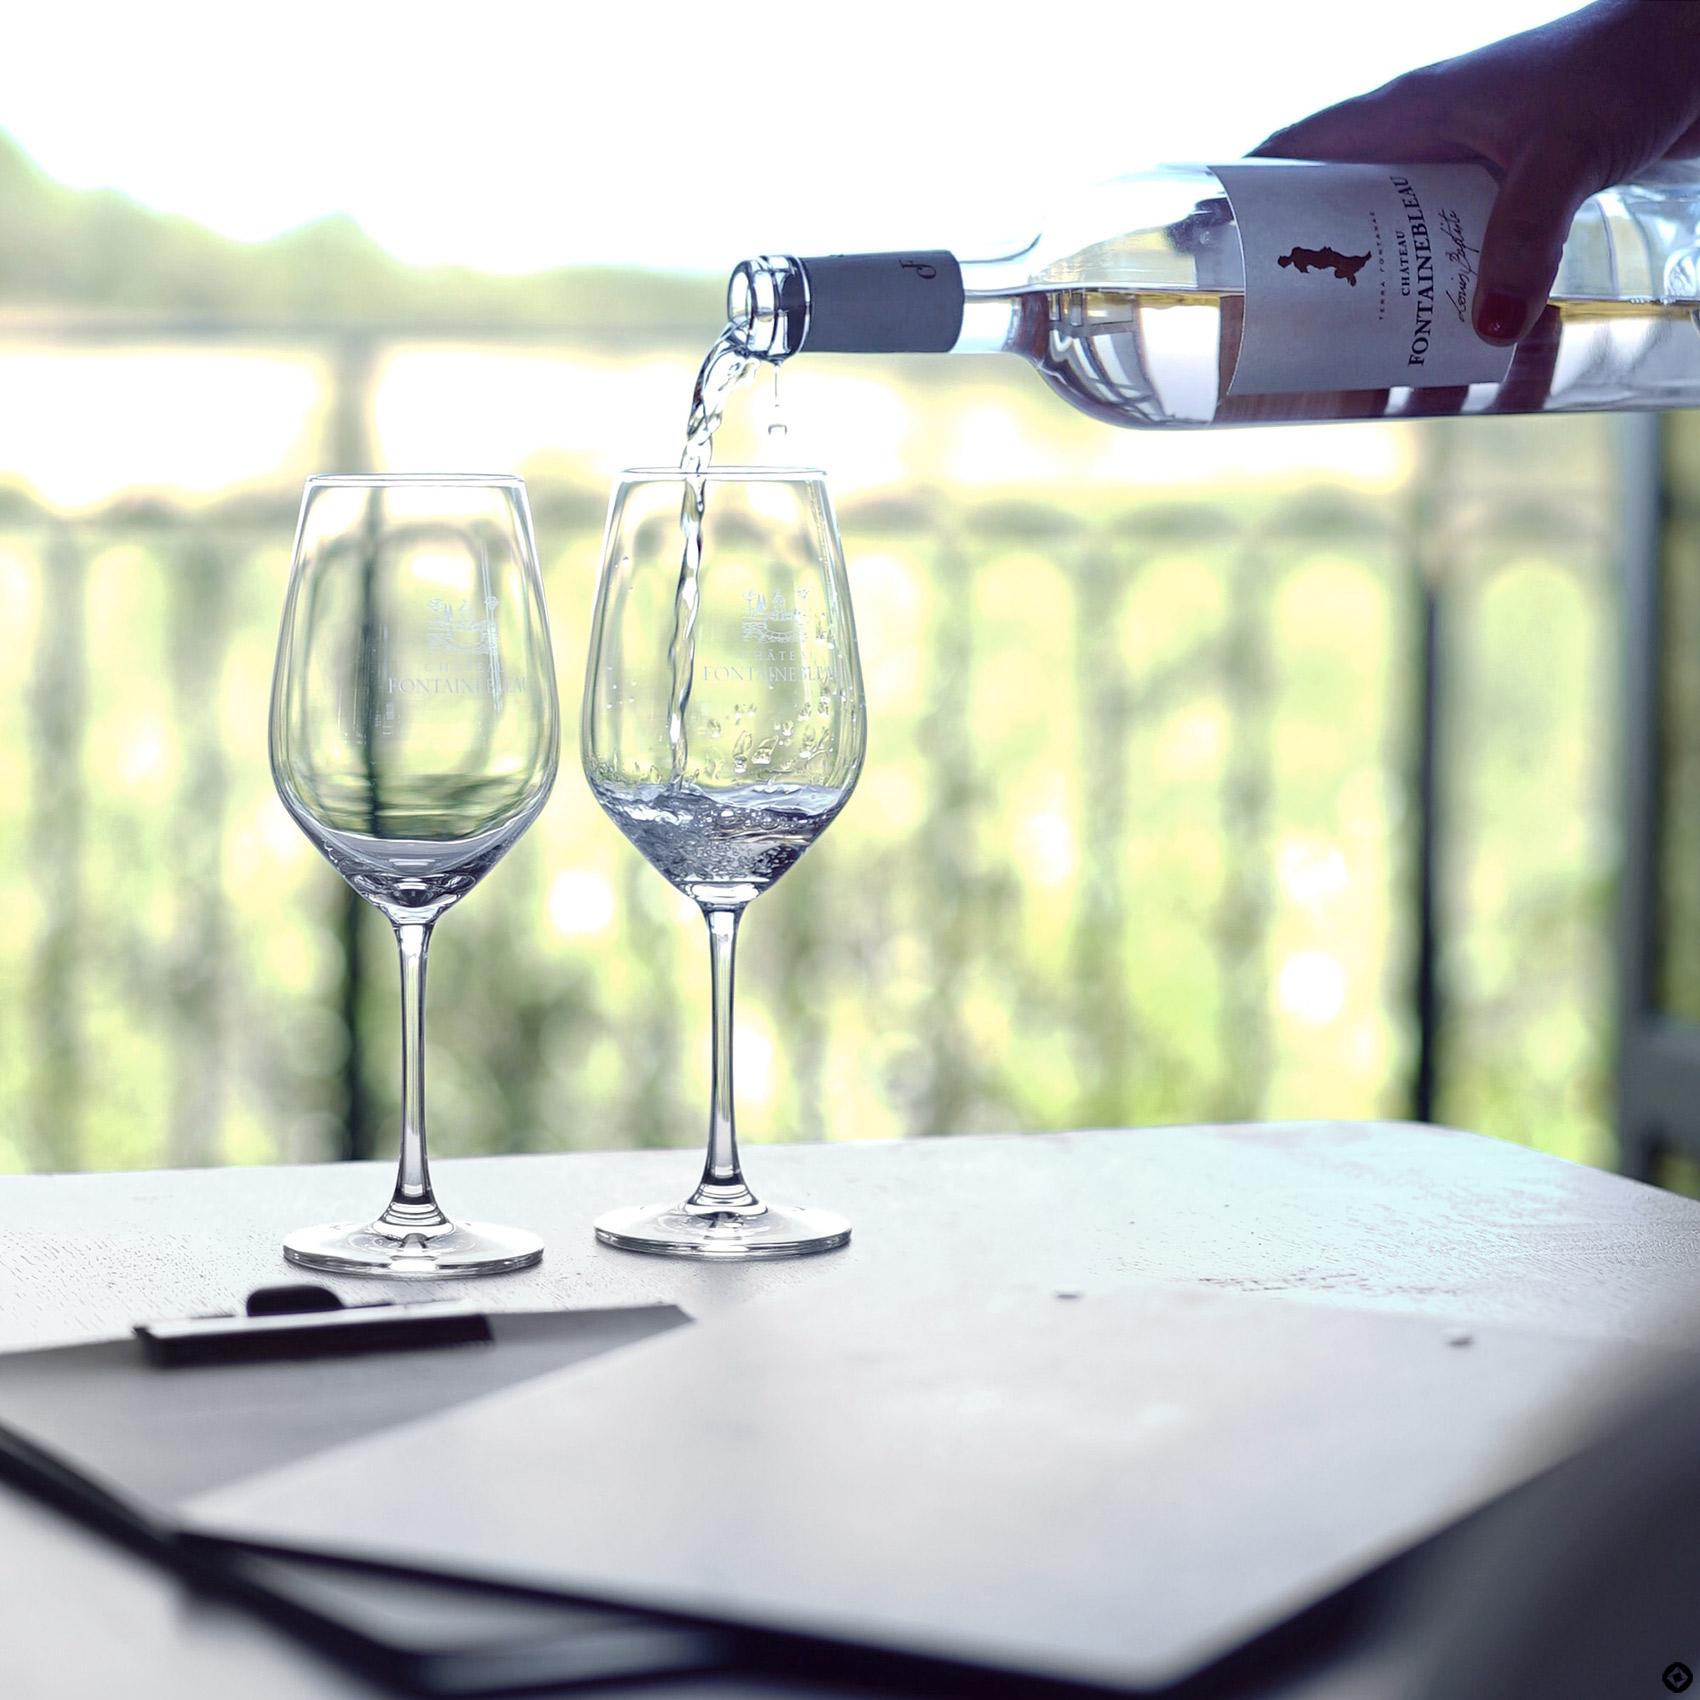 domaine-de-fontainebleau-du-var-oenologie-vins-14